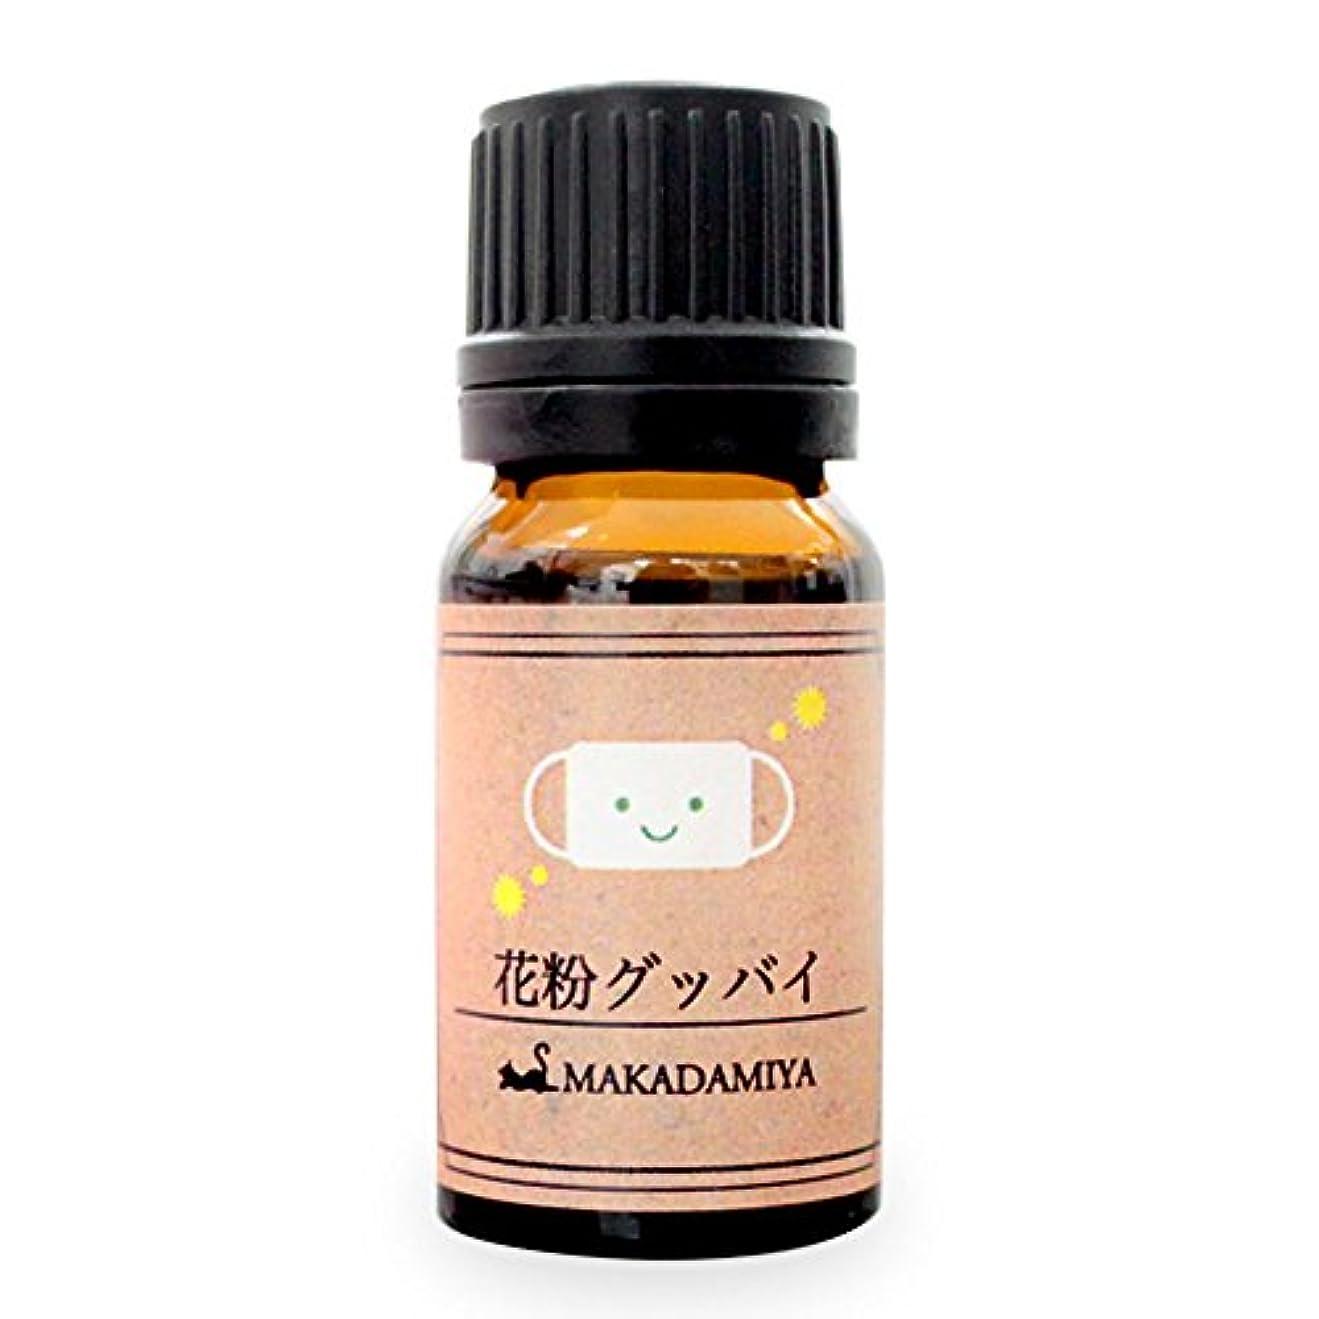 花粉グッバイ10ml (天然100%植物性/アロマオイル:ティートゥリー?ペパーミント?ユーカリ?ラベンダー?マートル配合)